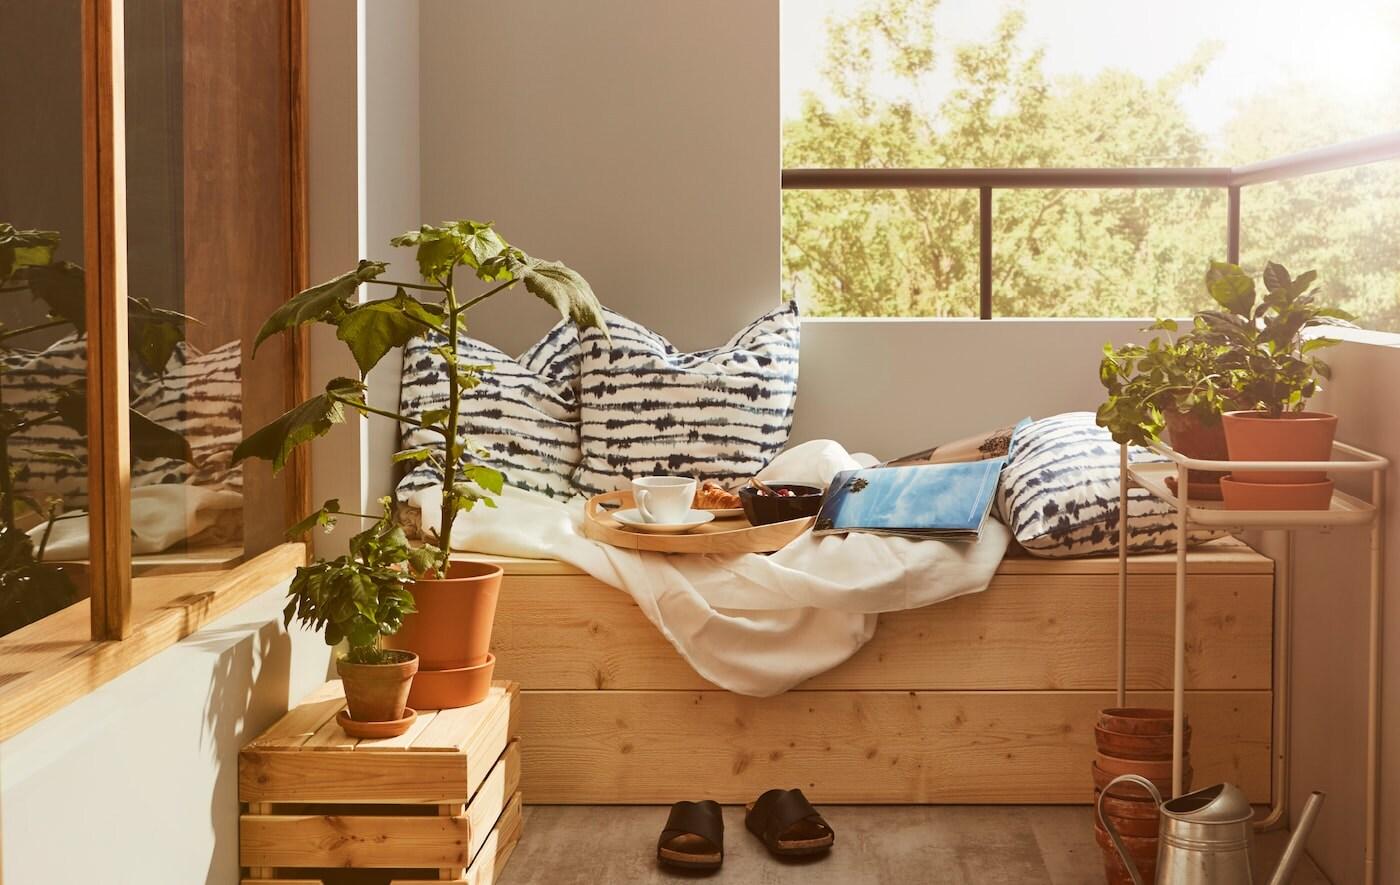 Coin sur le balcon avec un plan surélevé en bois, sur lequel se trouvent des coussins, du linge de lit et un plateau avec un déjeuner.